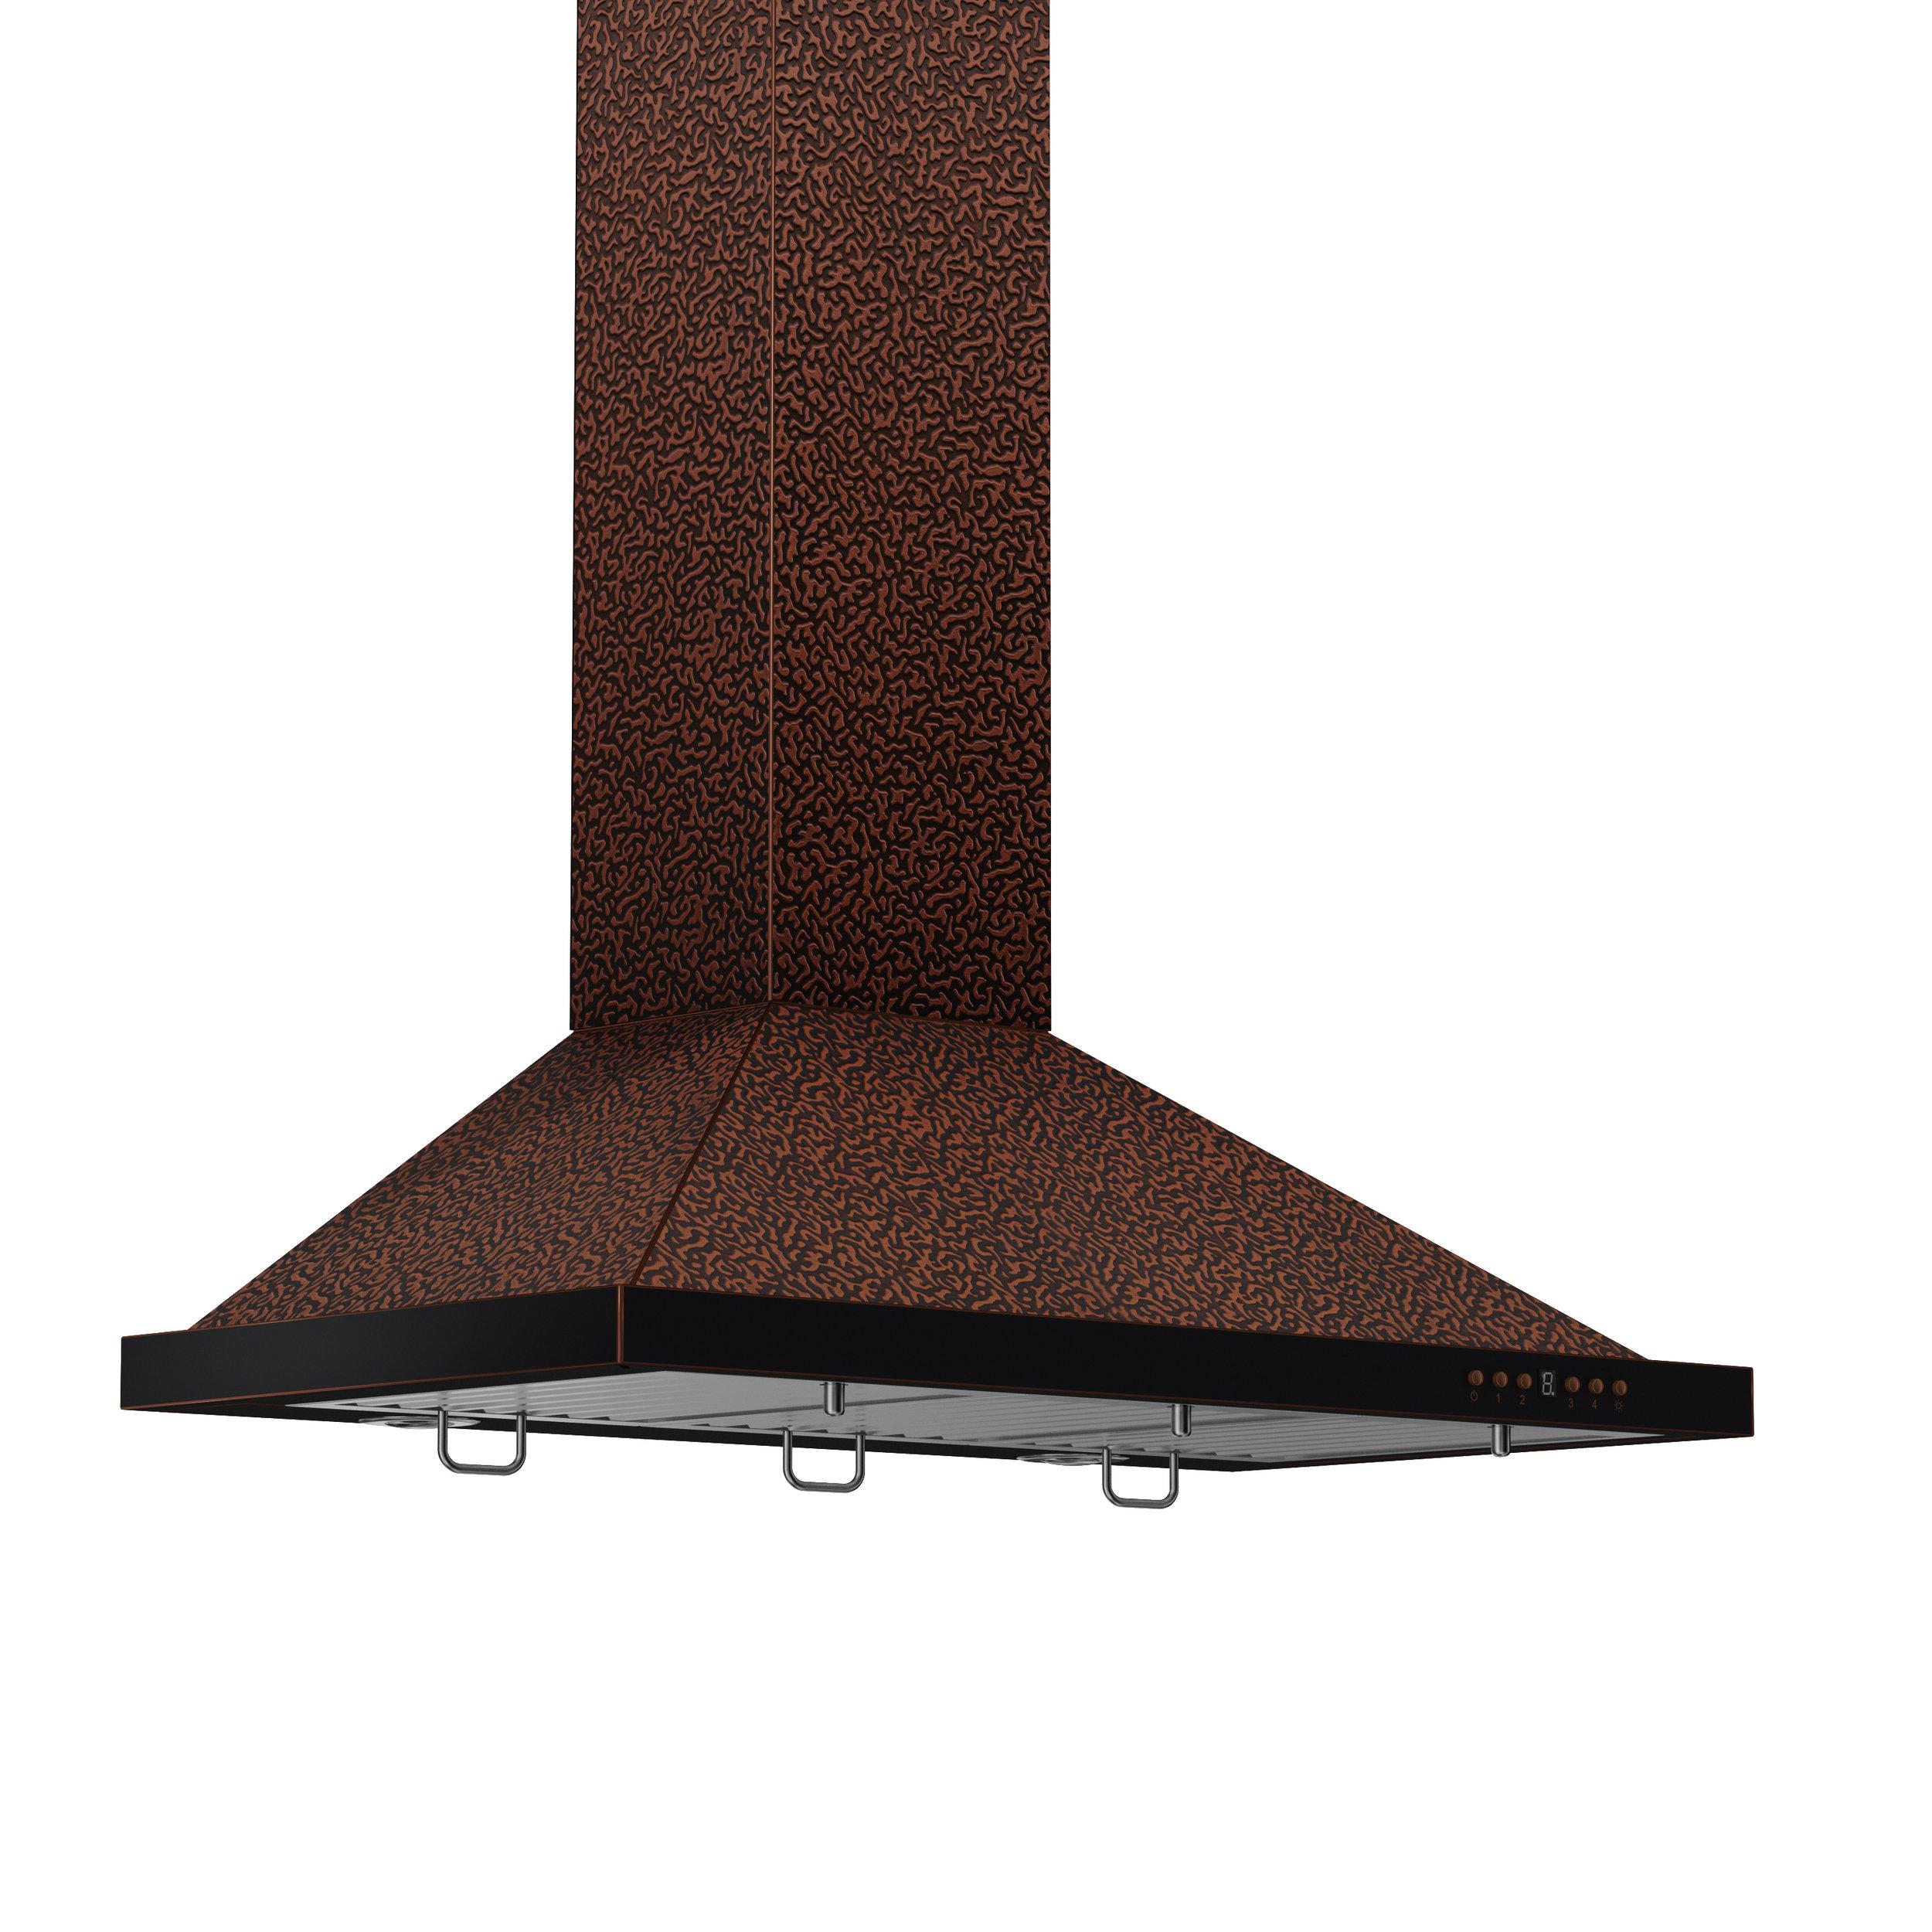 zline-copper-wall-mounted-range-hood-8KBE-main.jpg